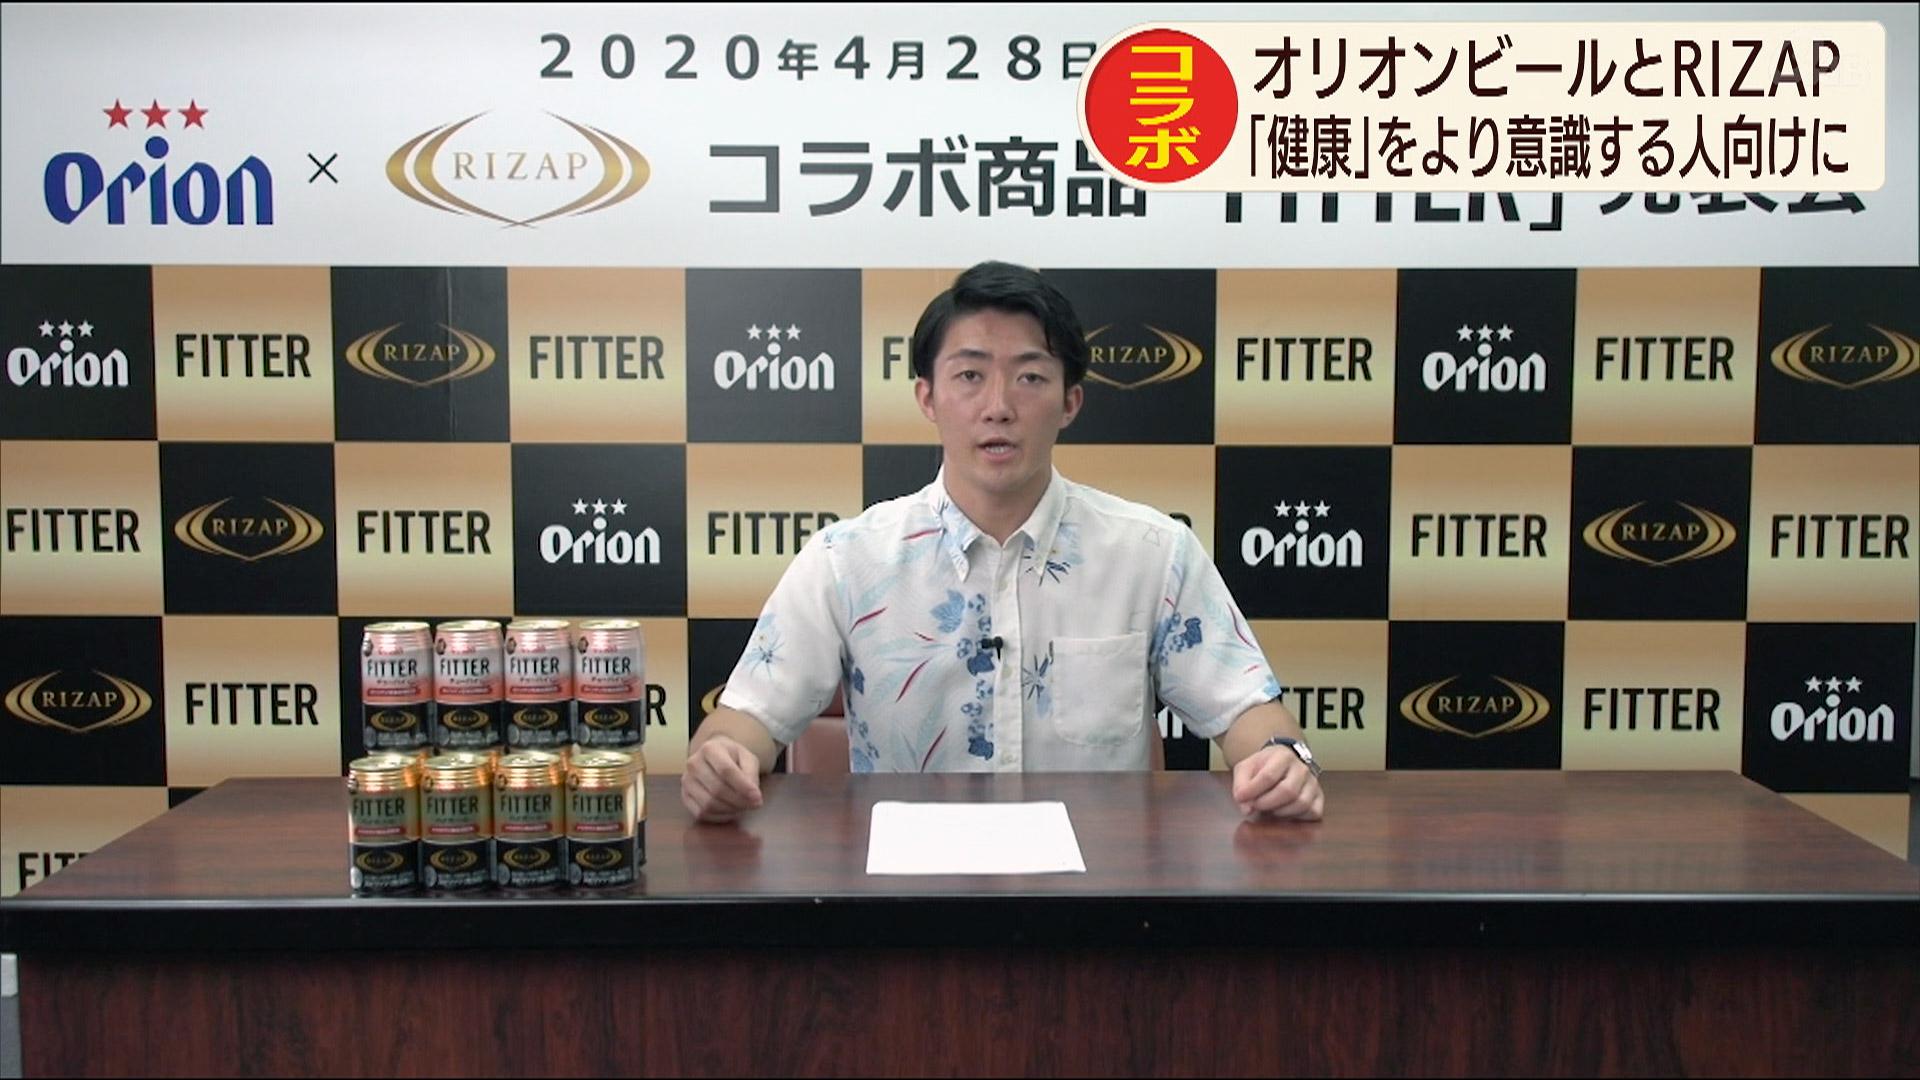 オリオンビールがRIZAPと共同開発